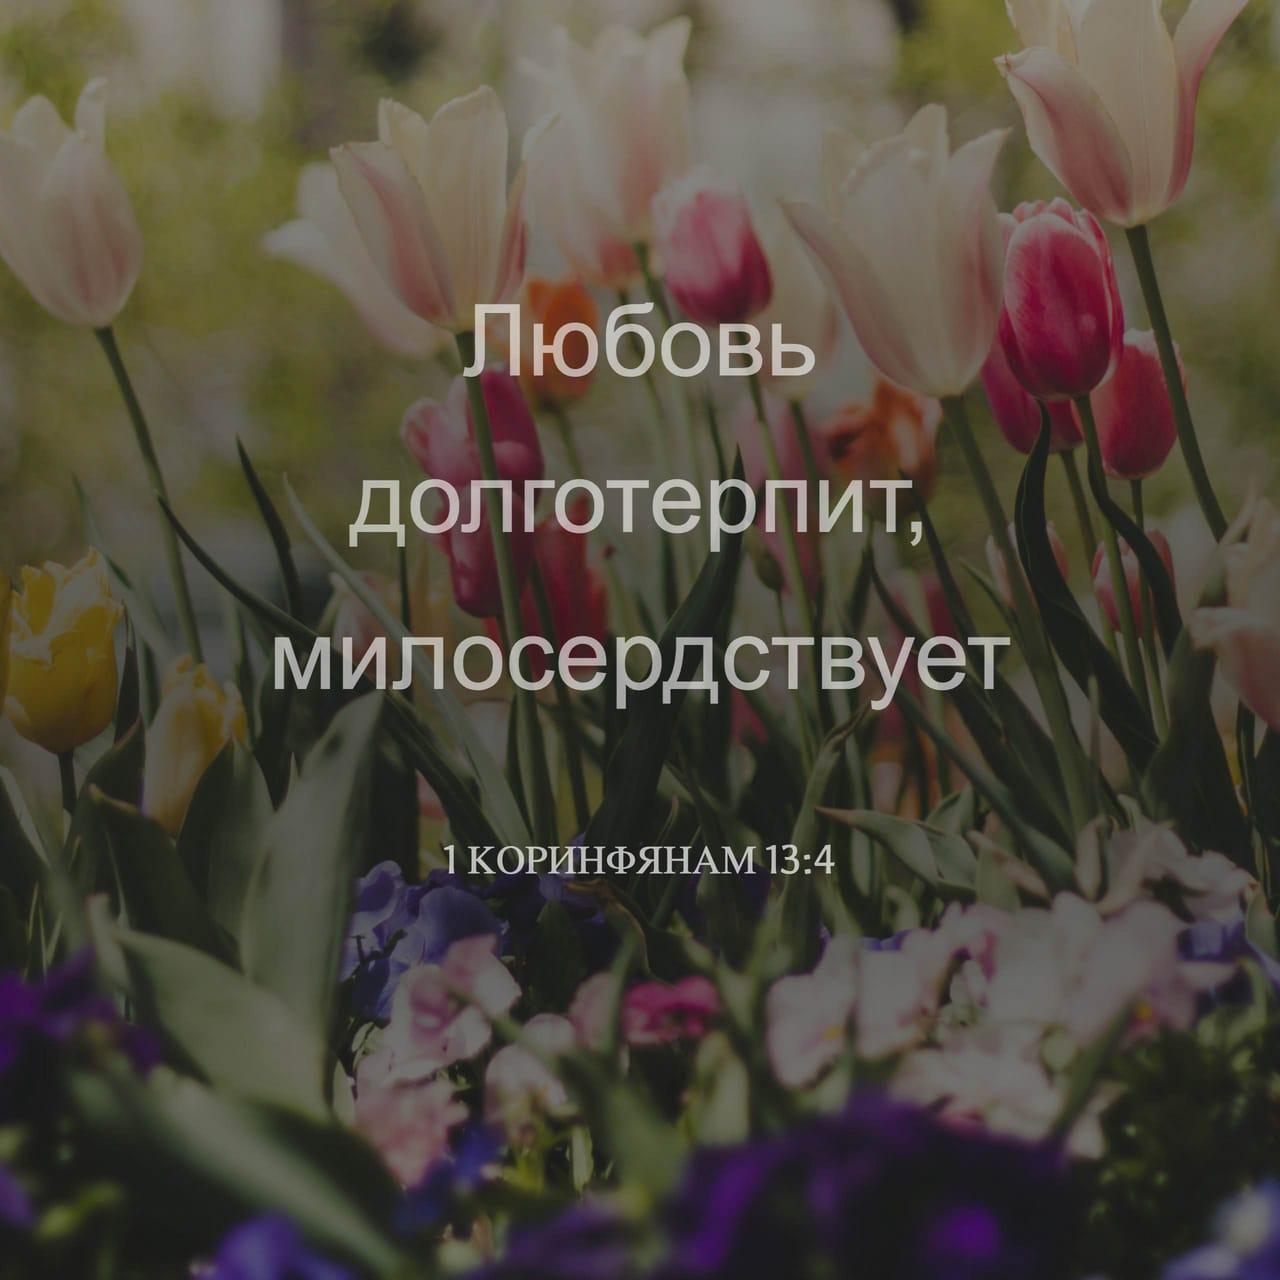 Фото-стих 1 Коринфянам 13:4